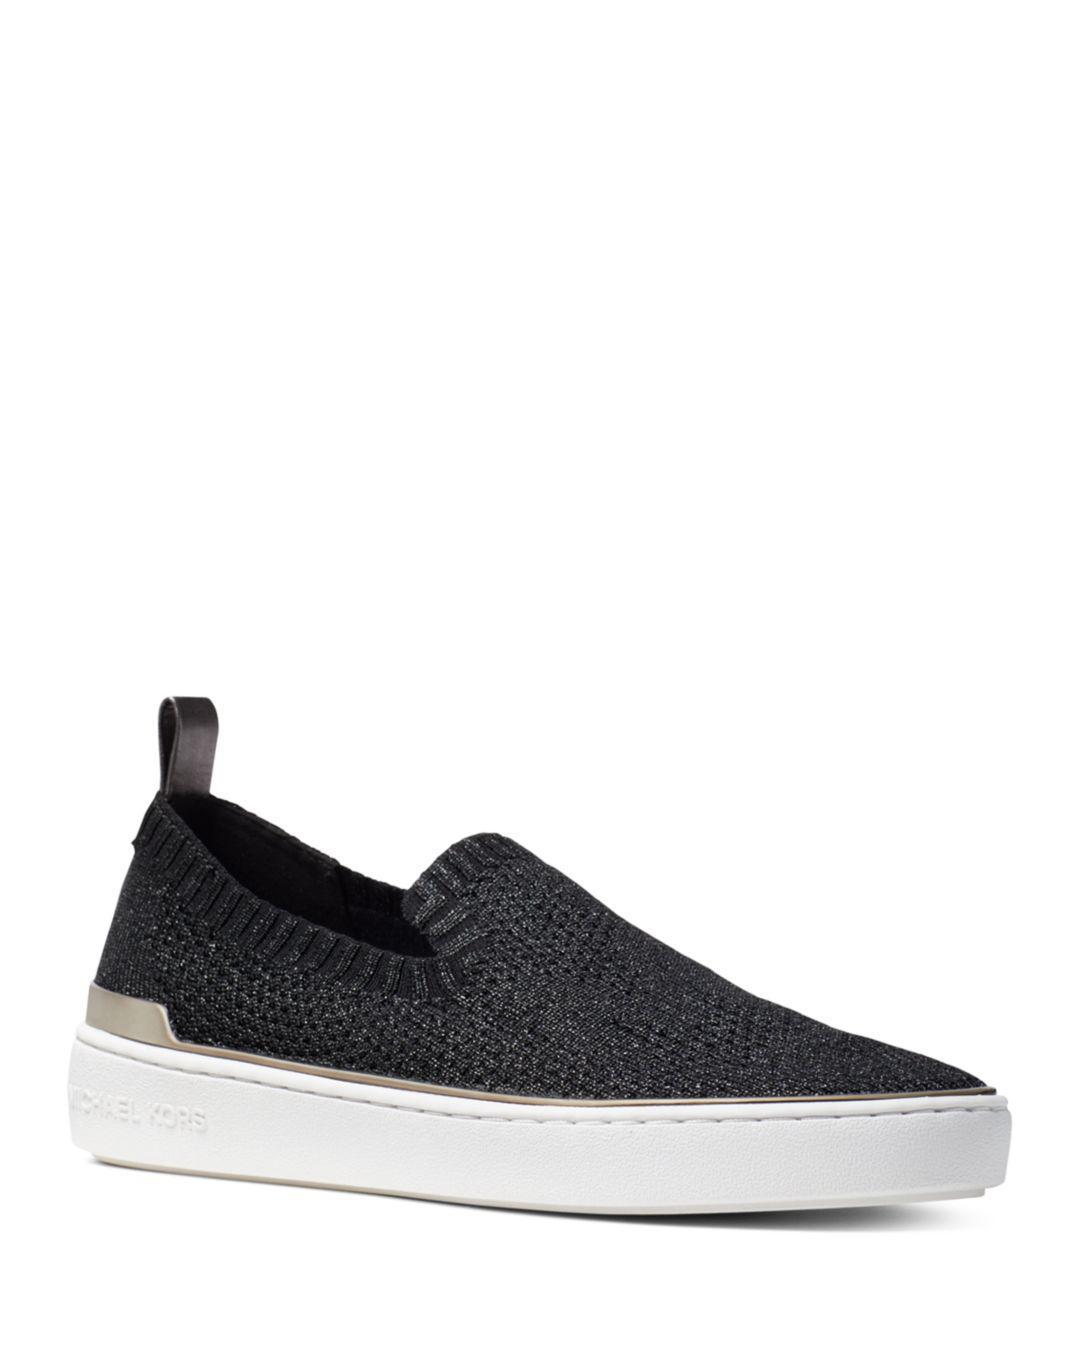 6d1cce2a3dc5 Lyst - MICHAEL Michael Kors Women s Skyler Knit Slip-on Sneakers in ...